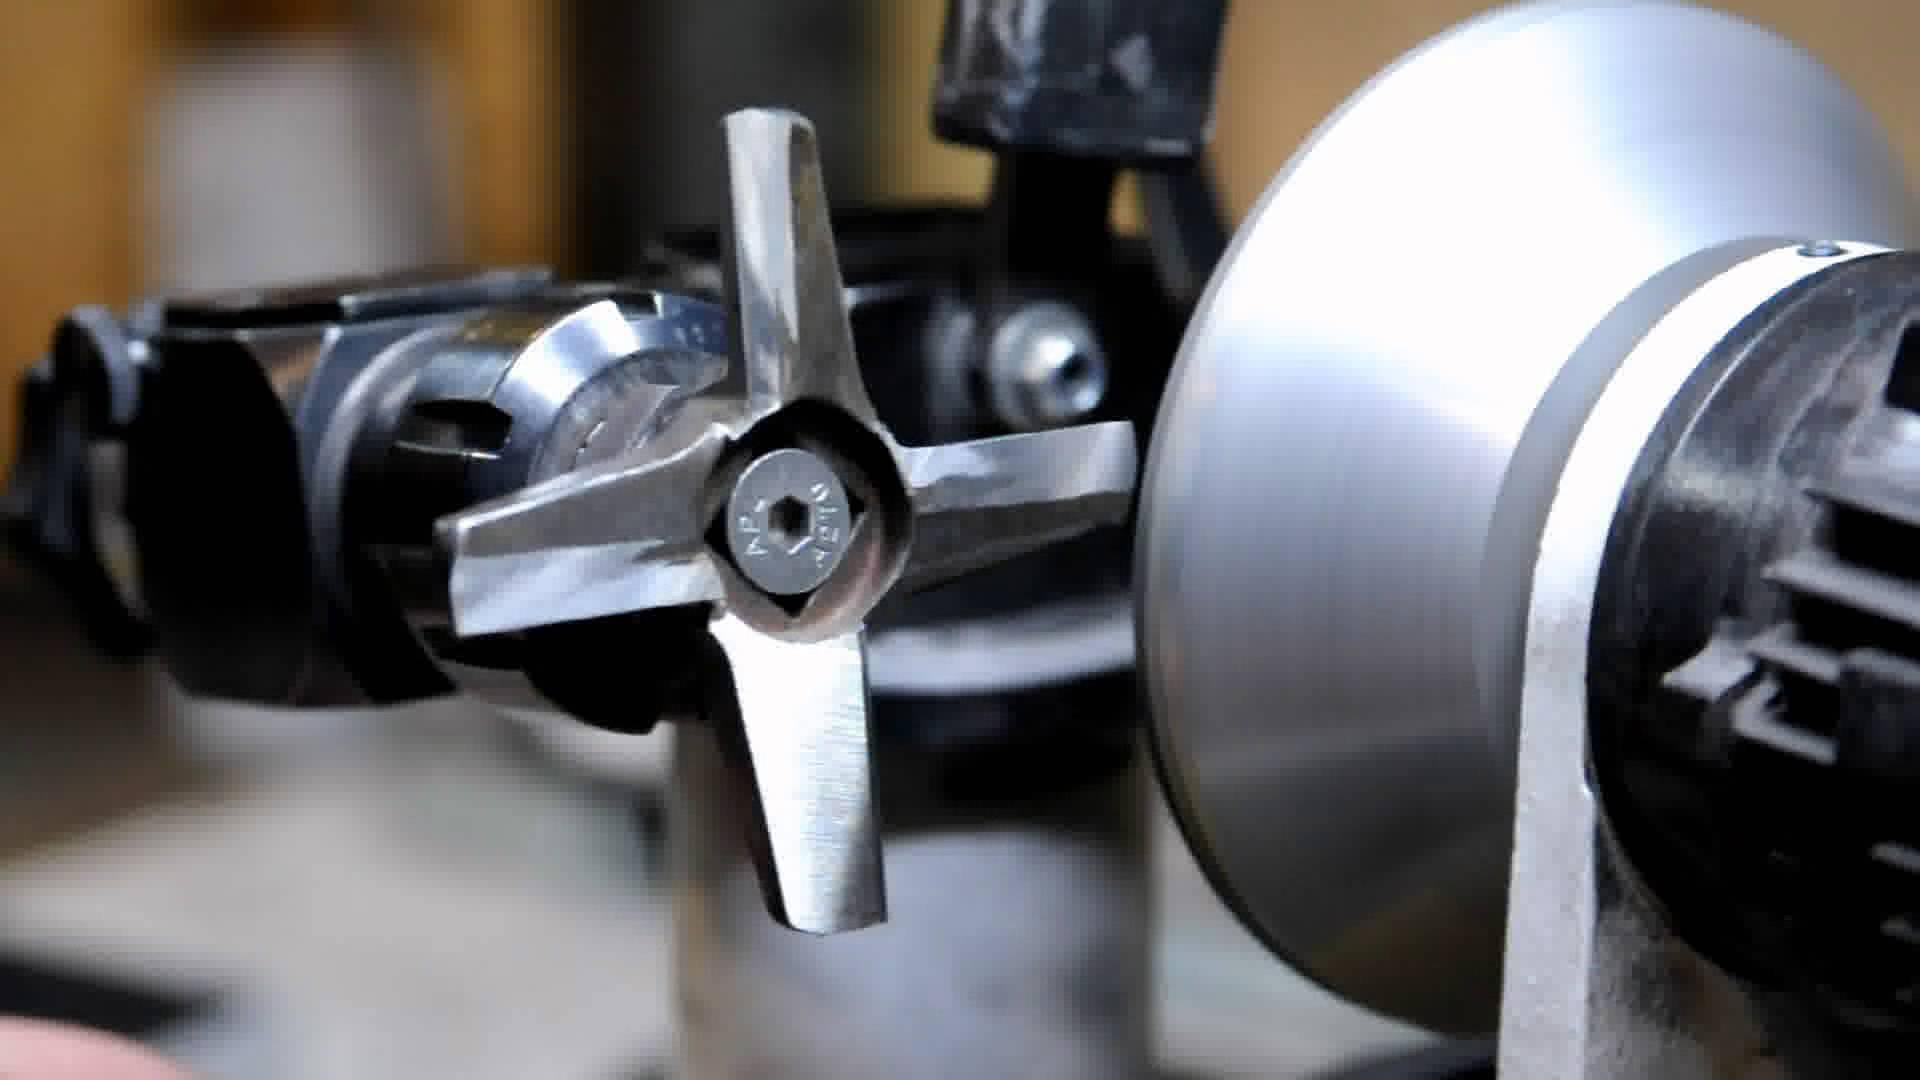 Топ мясорубок с базовыми функциями доступность и надёжность - нож мясорубки